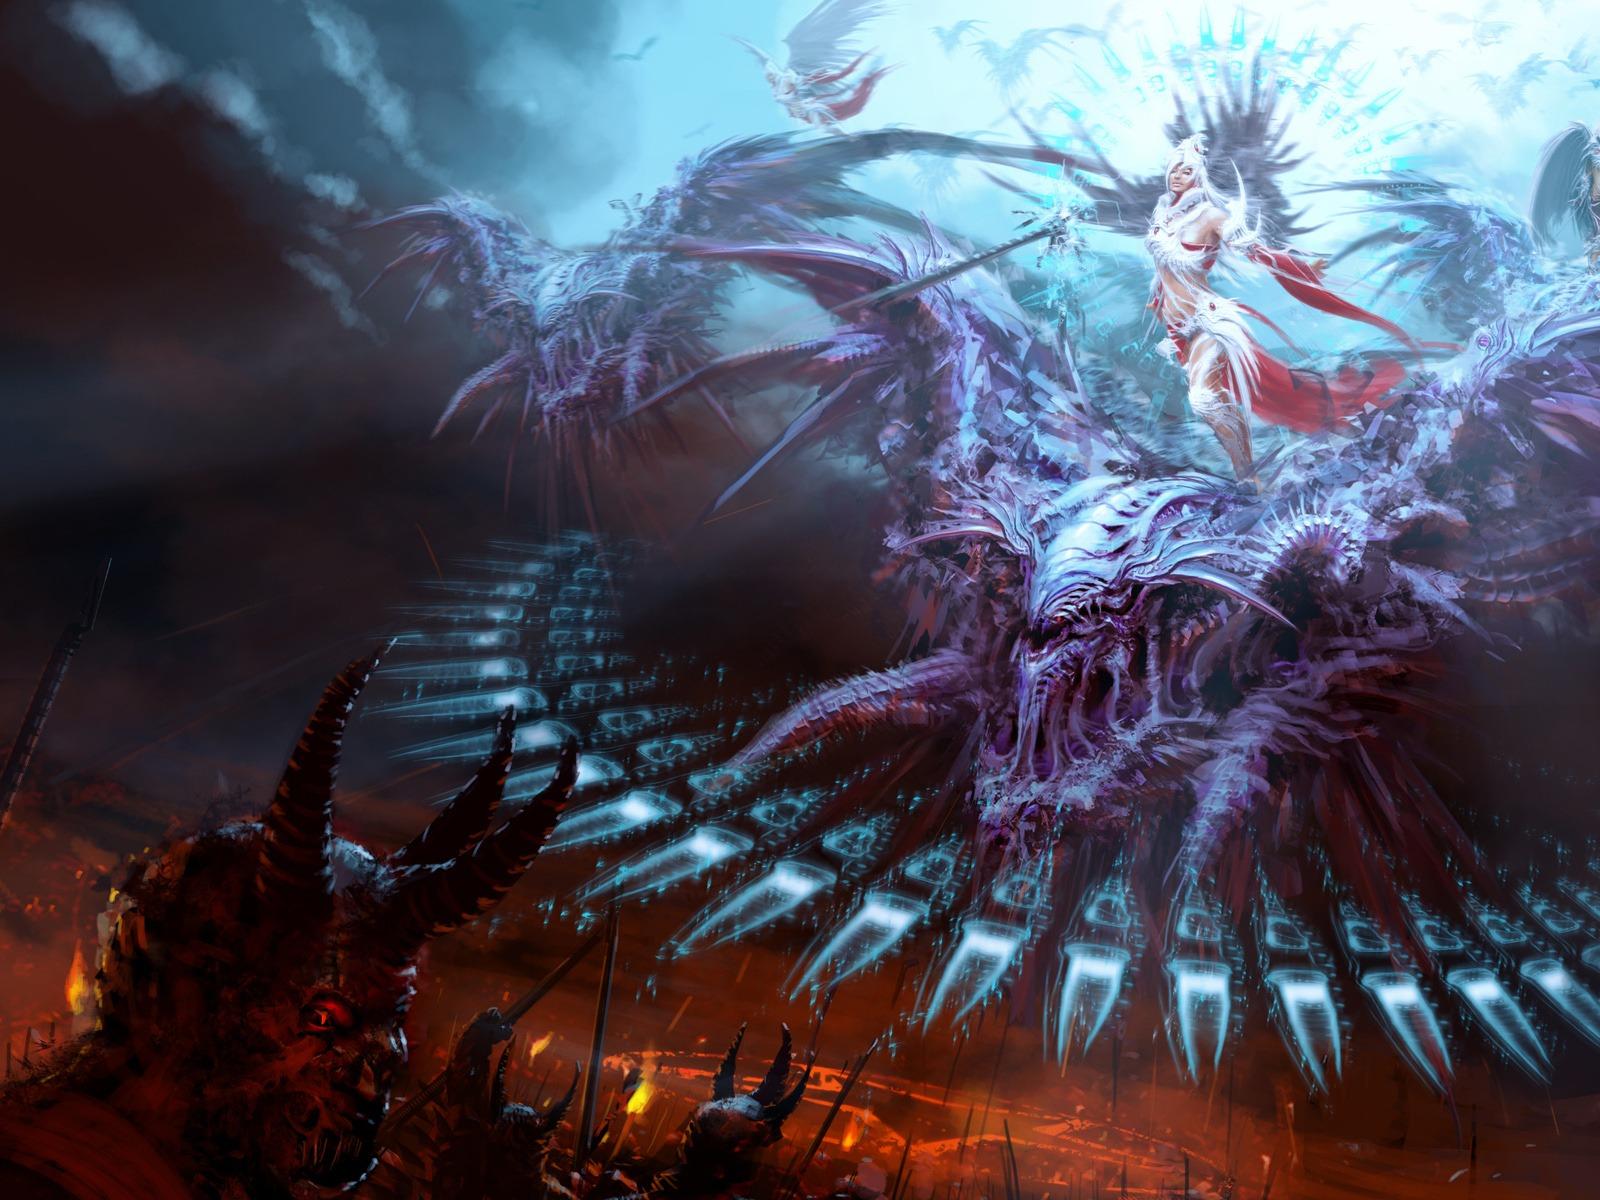 Archangel vs demon